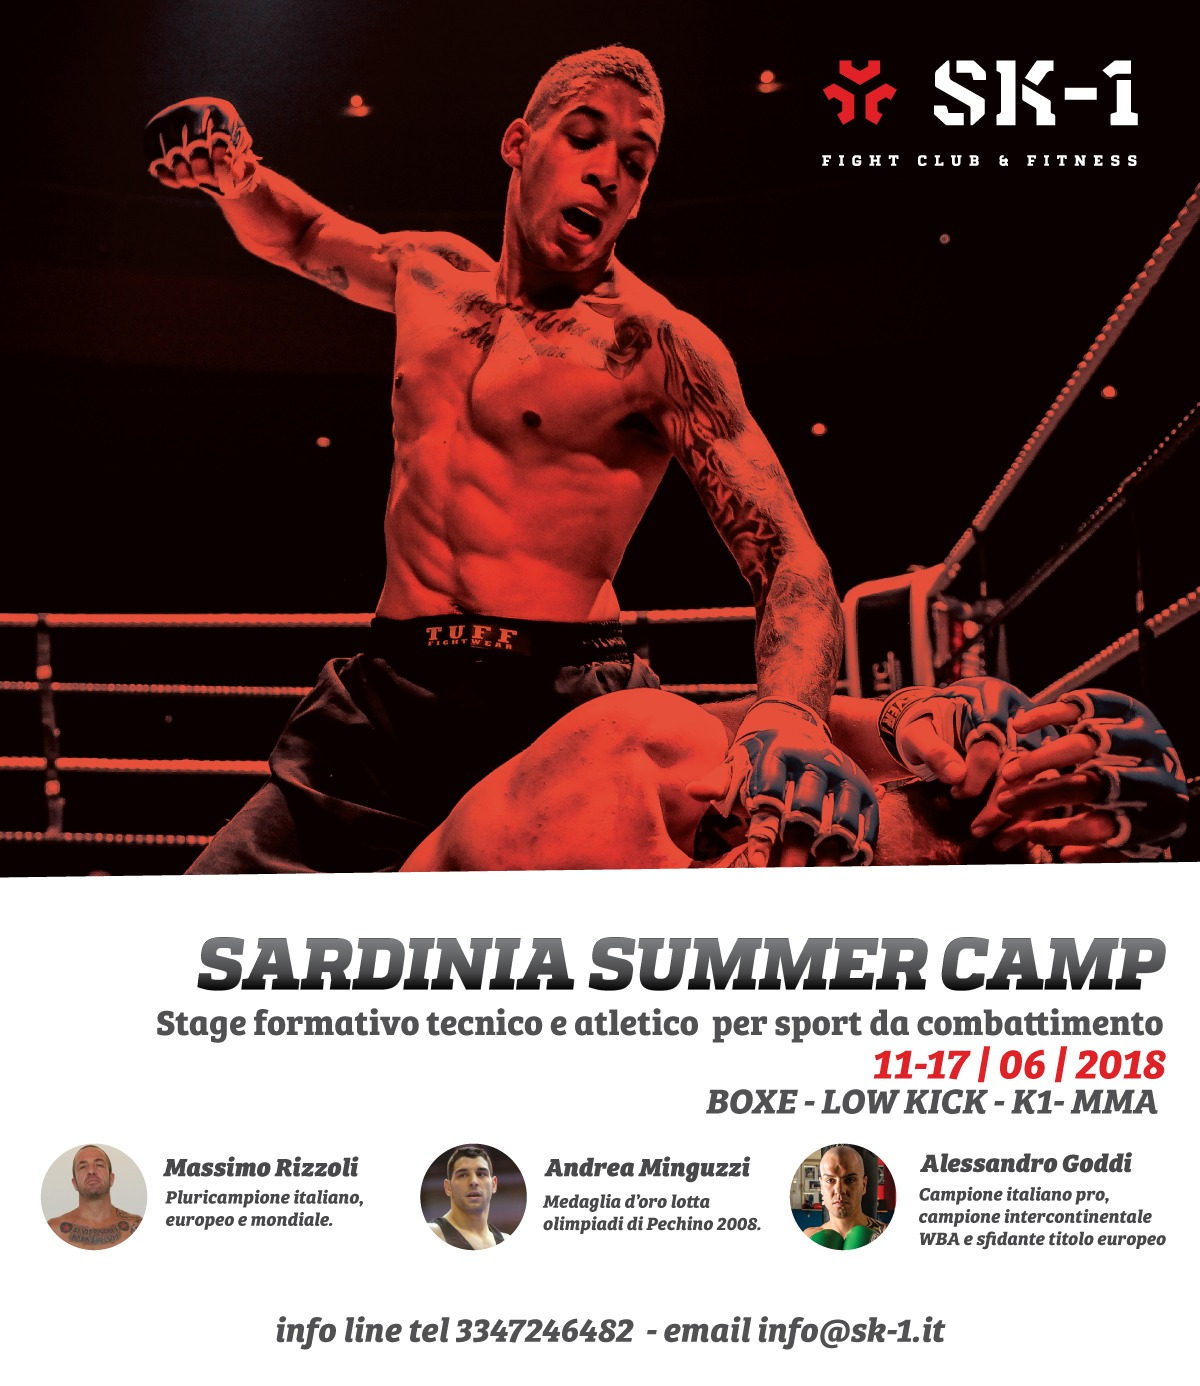 Sardinia Summer Camp - giugno 2018